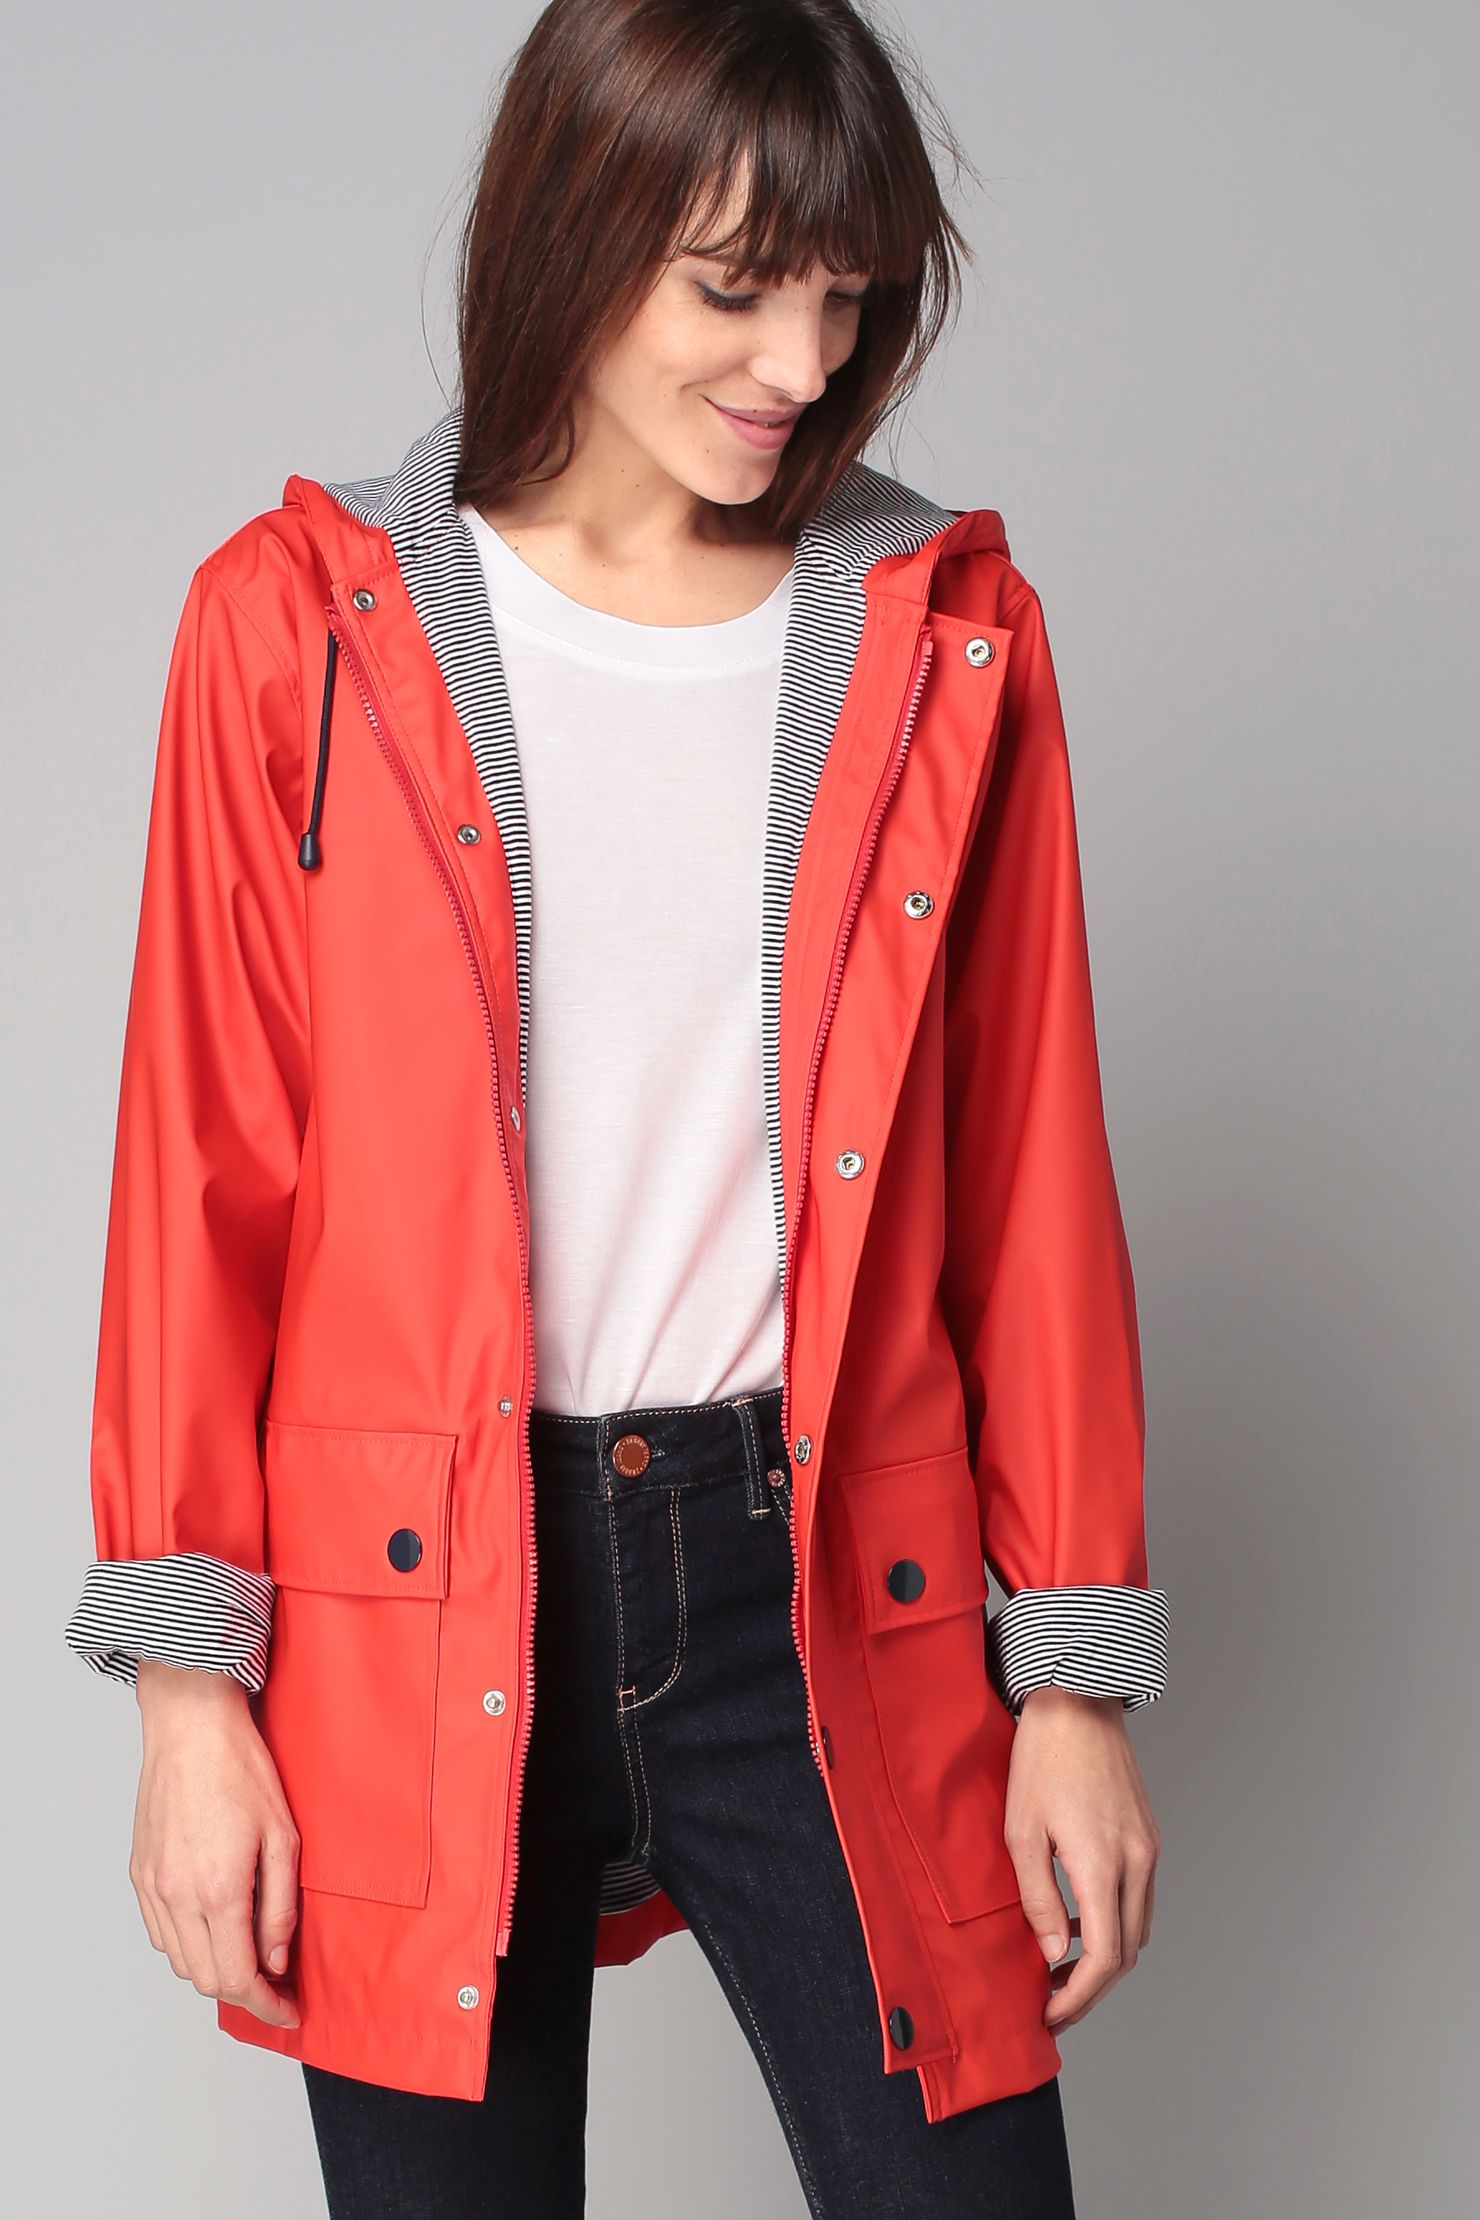 21087241bfa58 Ciré rouge à capuche Ciré Petit Bateau Femme, Veste Pluie Femme, Vêtements  Rouges,